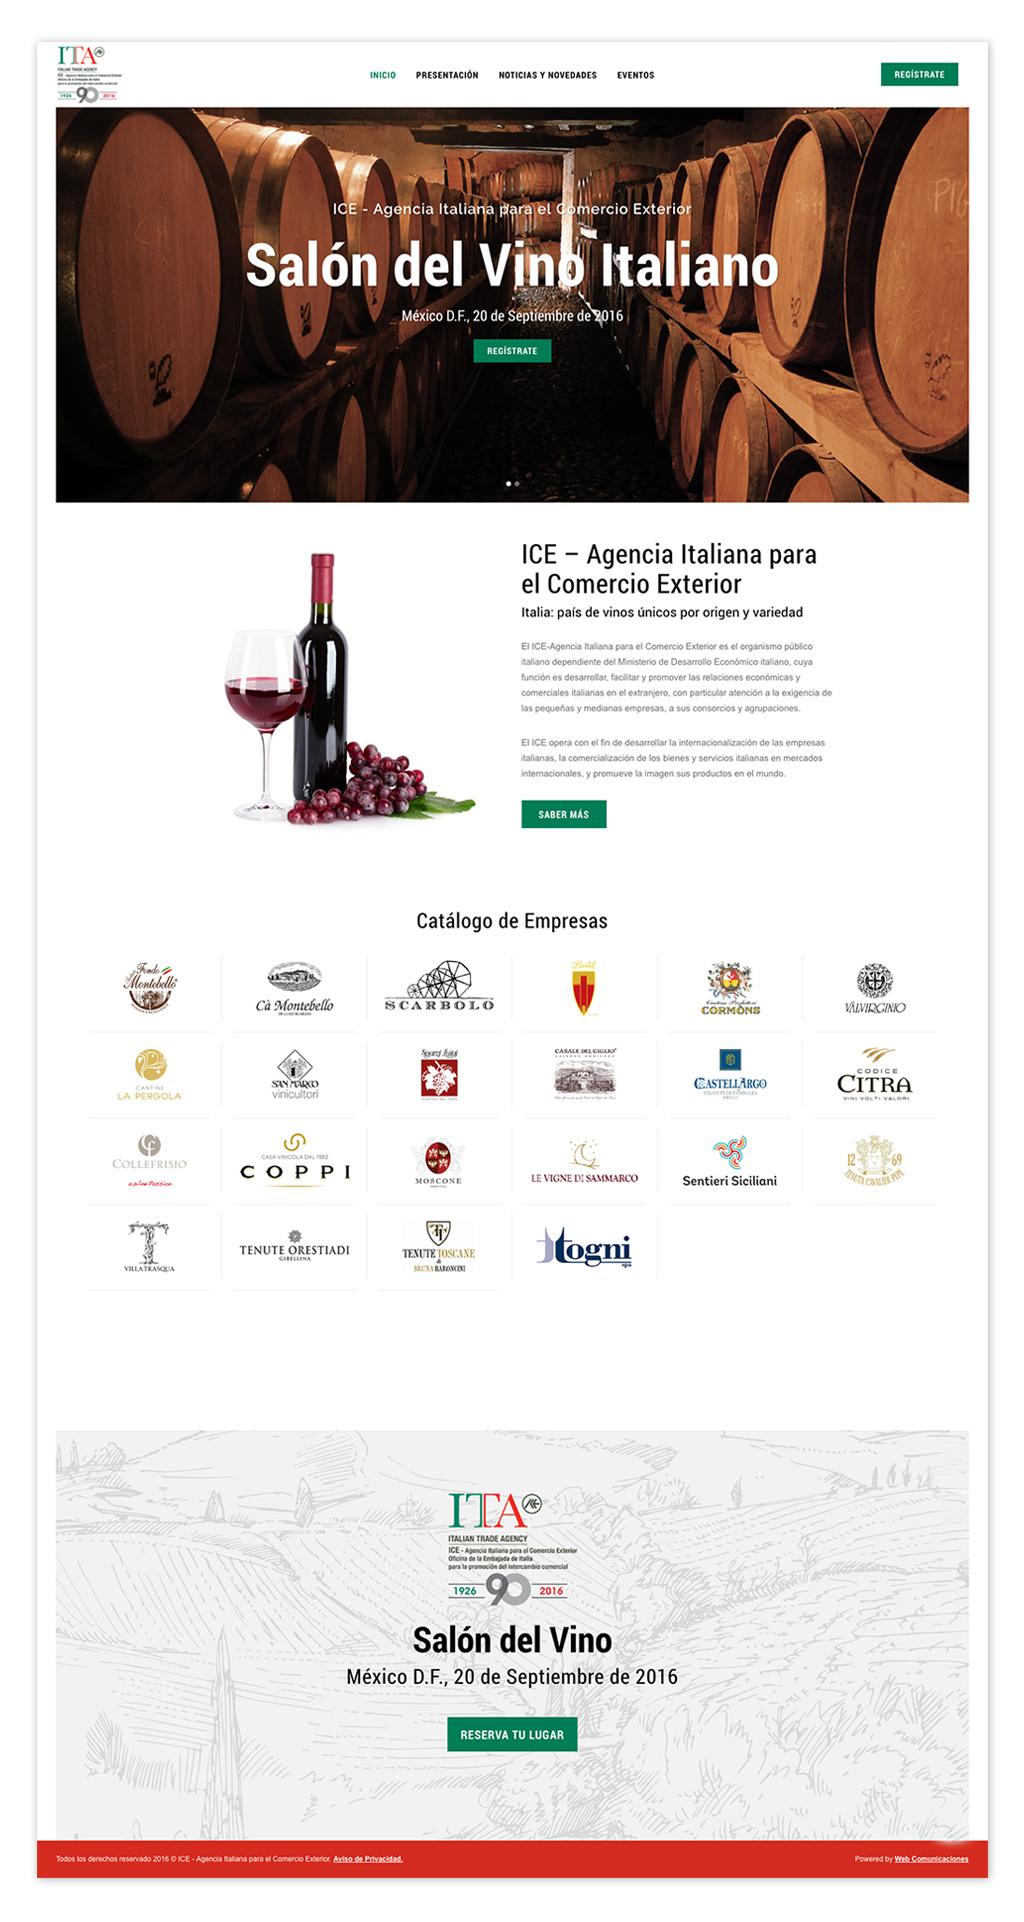 Agencia Italiana para el Comercio Exterior